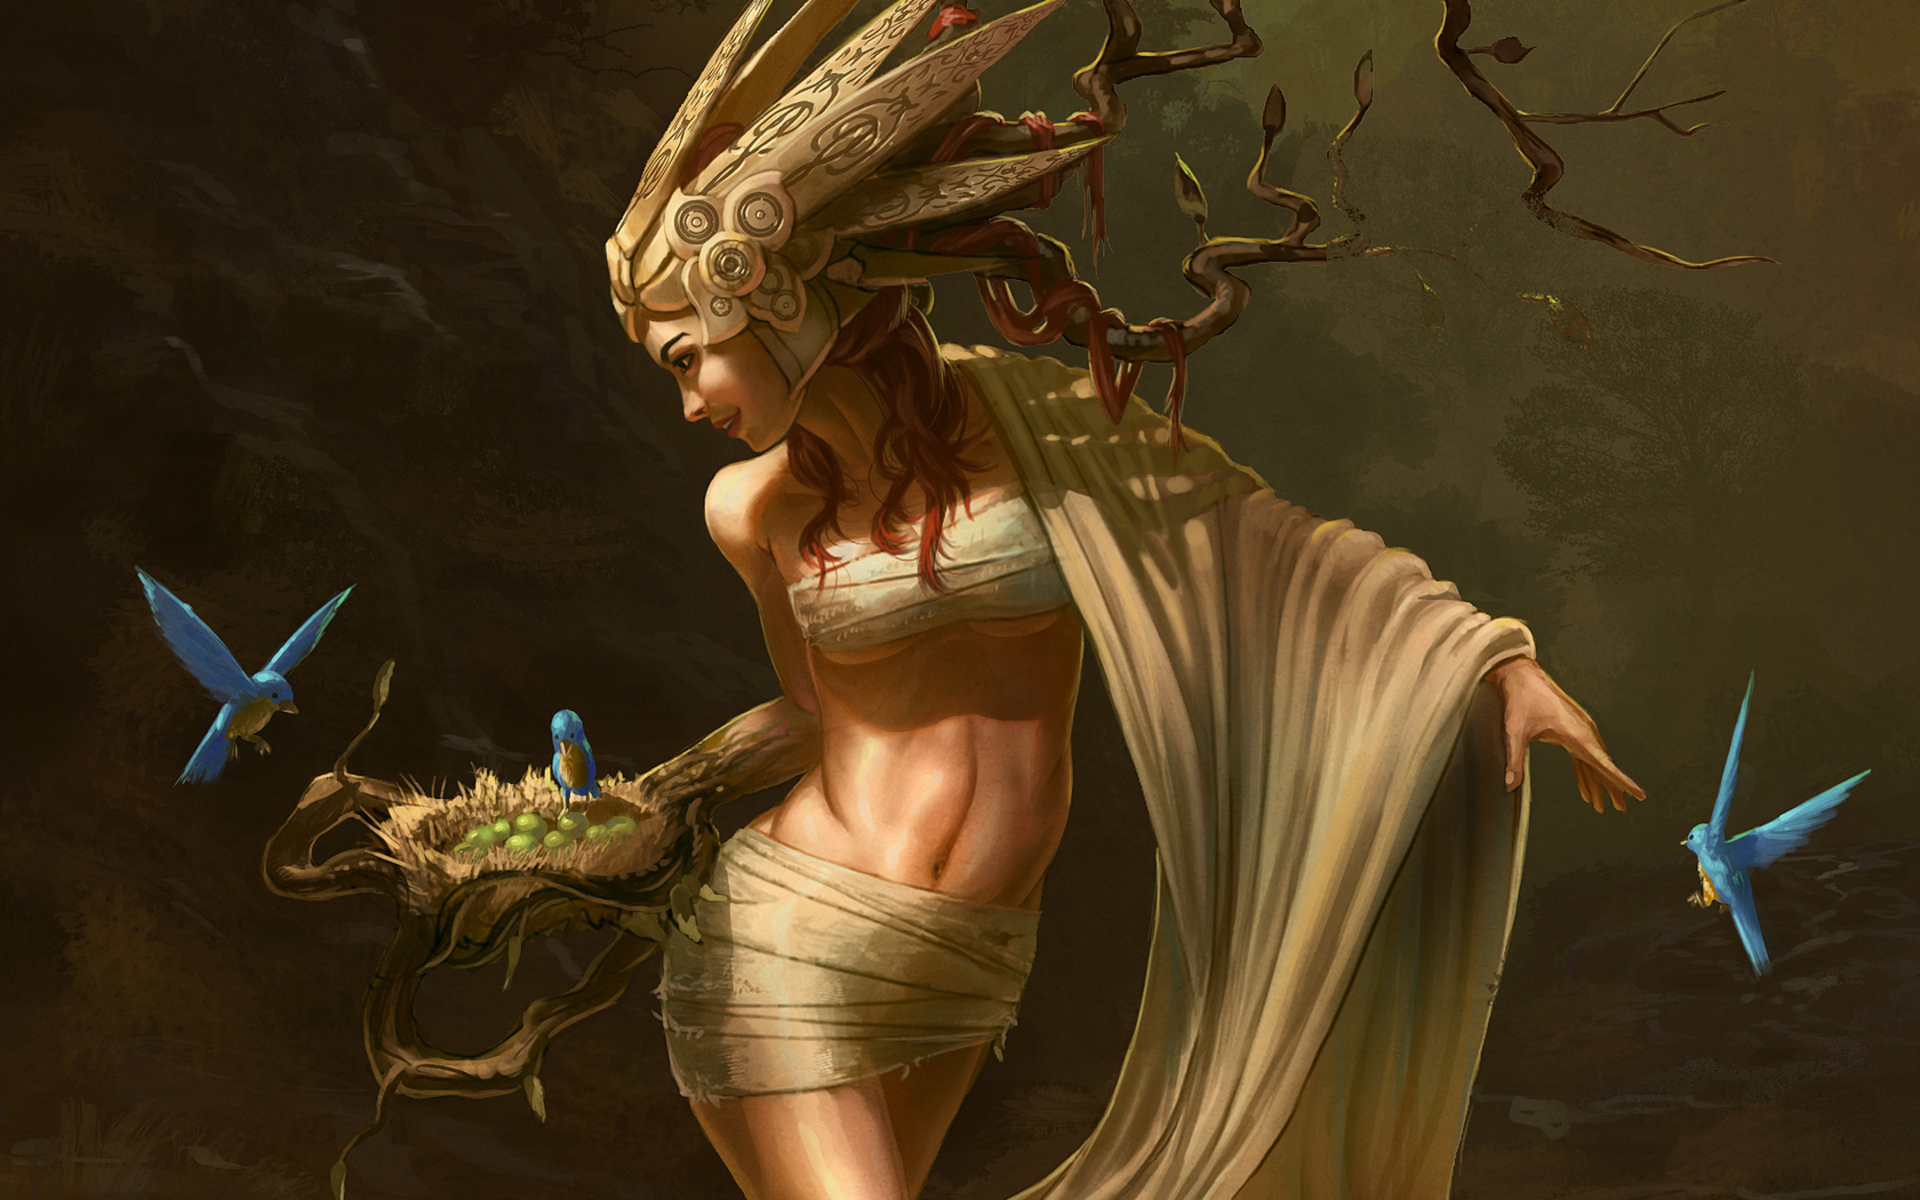 desktop erotic fantasy and wallpaper Free